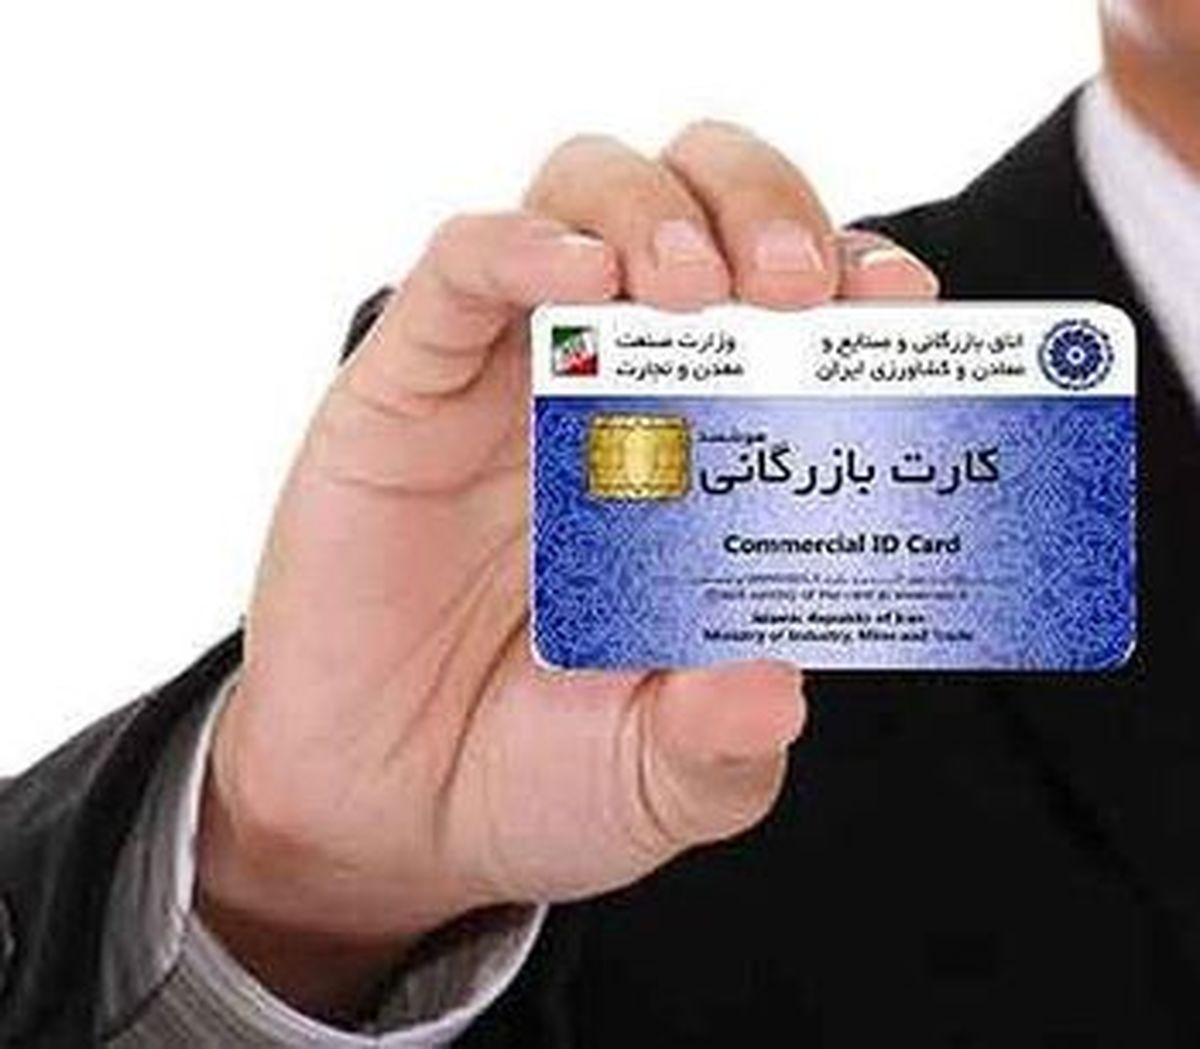 فرآیند جدید صدور کارت بازرگانی با سامانه اعتبارسنجی